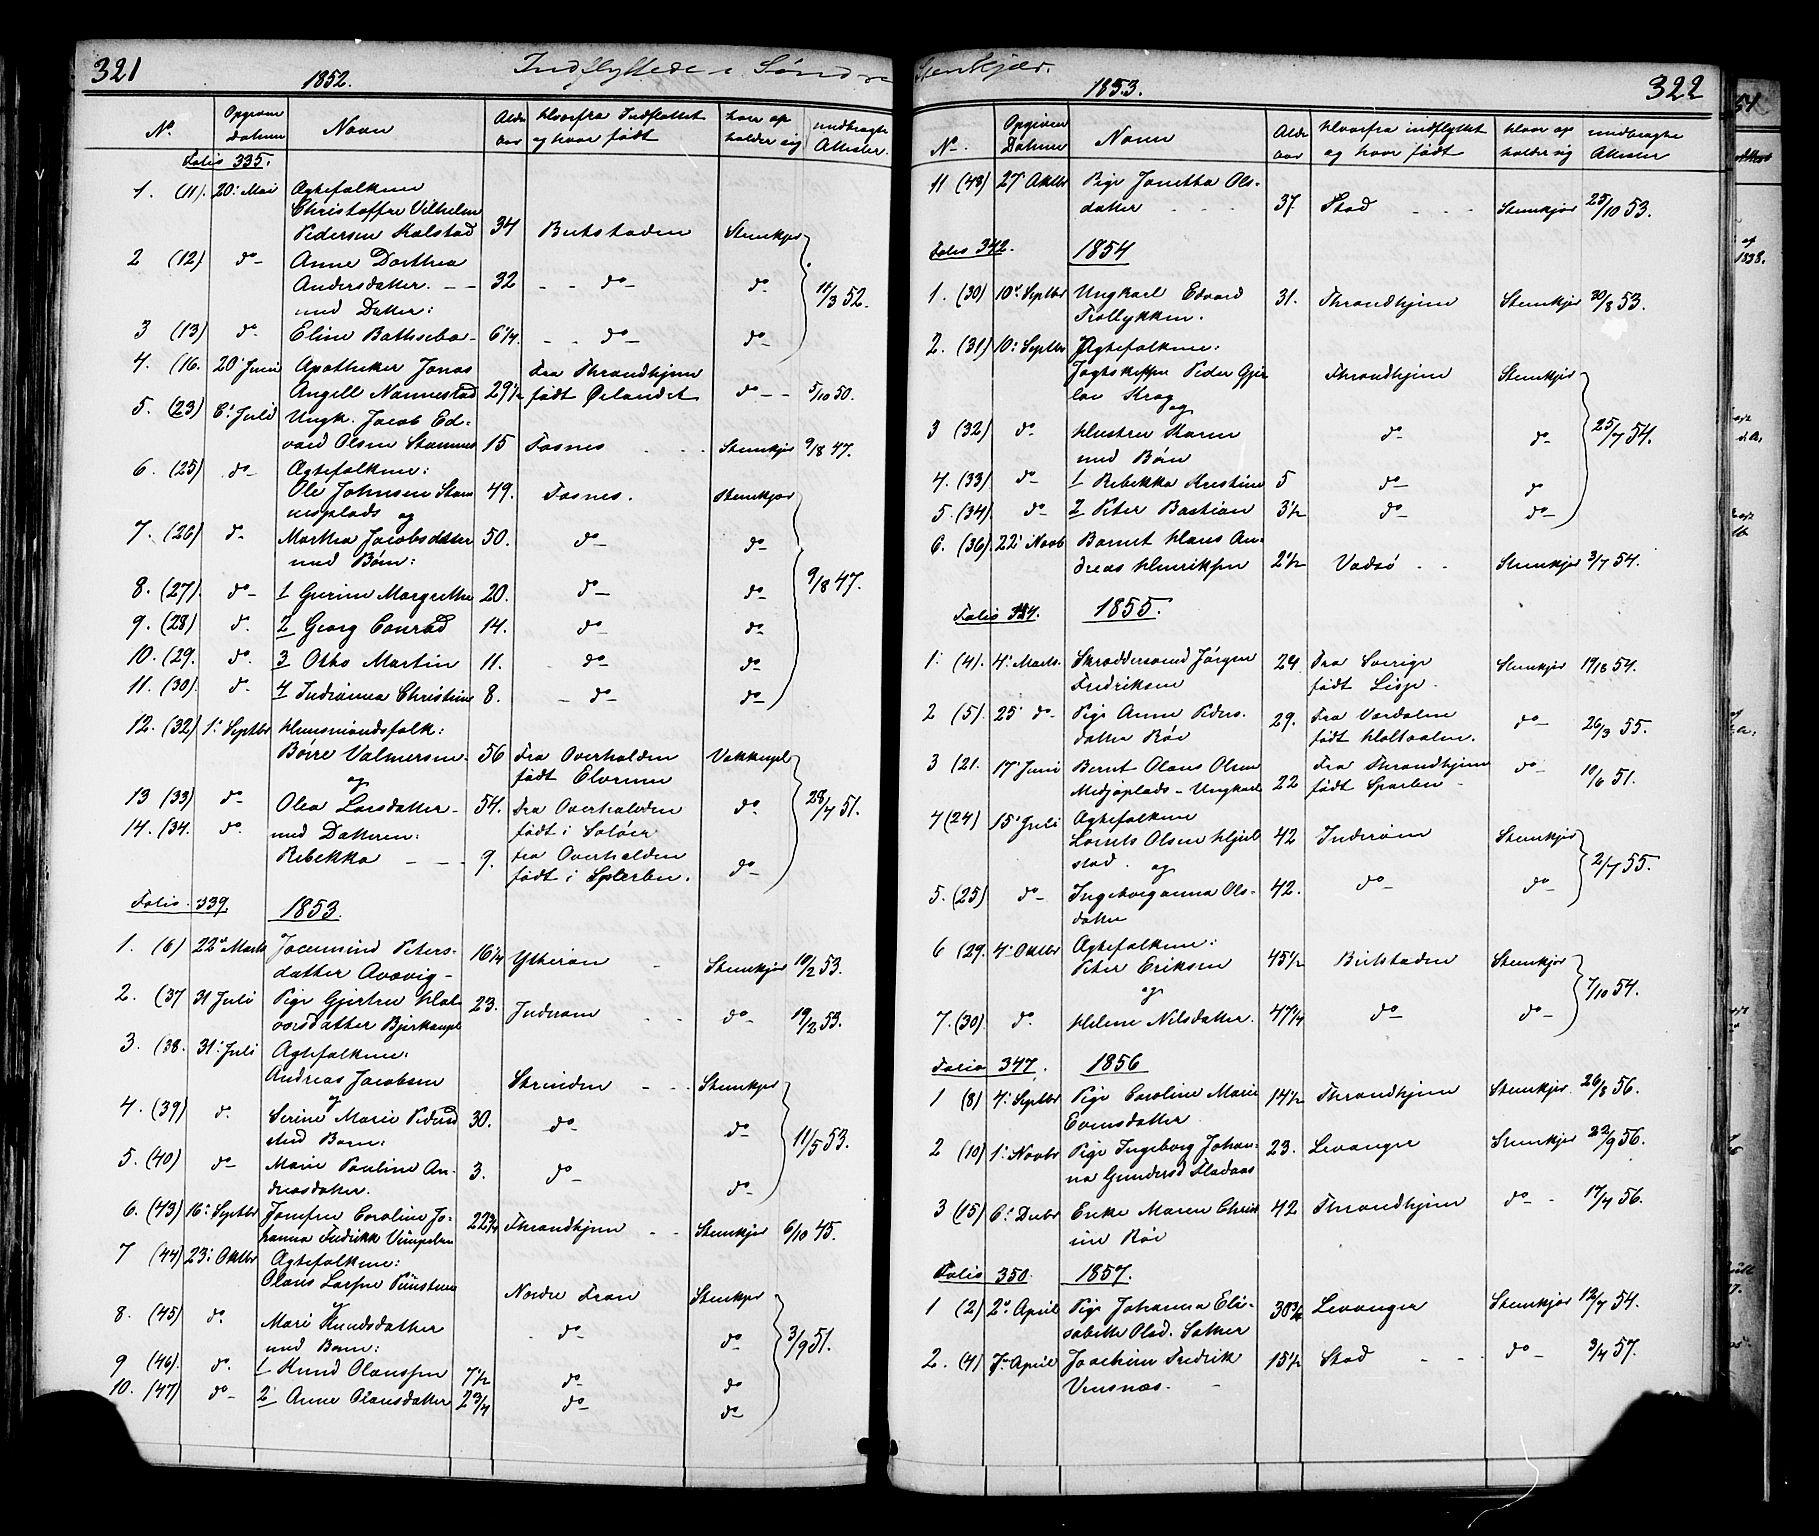 SAT, Ministerialprotokoller, klokkerbøker og fødselsregistre - Nord-Trøndelag, 739/L0367: Ministerialbok nr. 739A01 /1, 1838-1868, s. 321-322